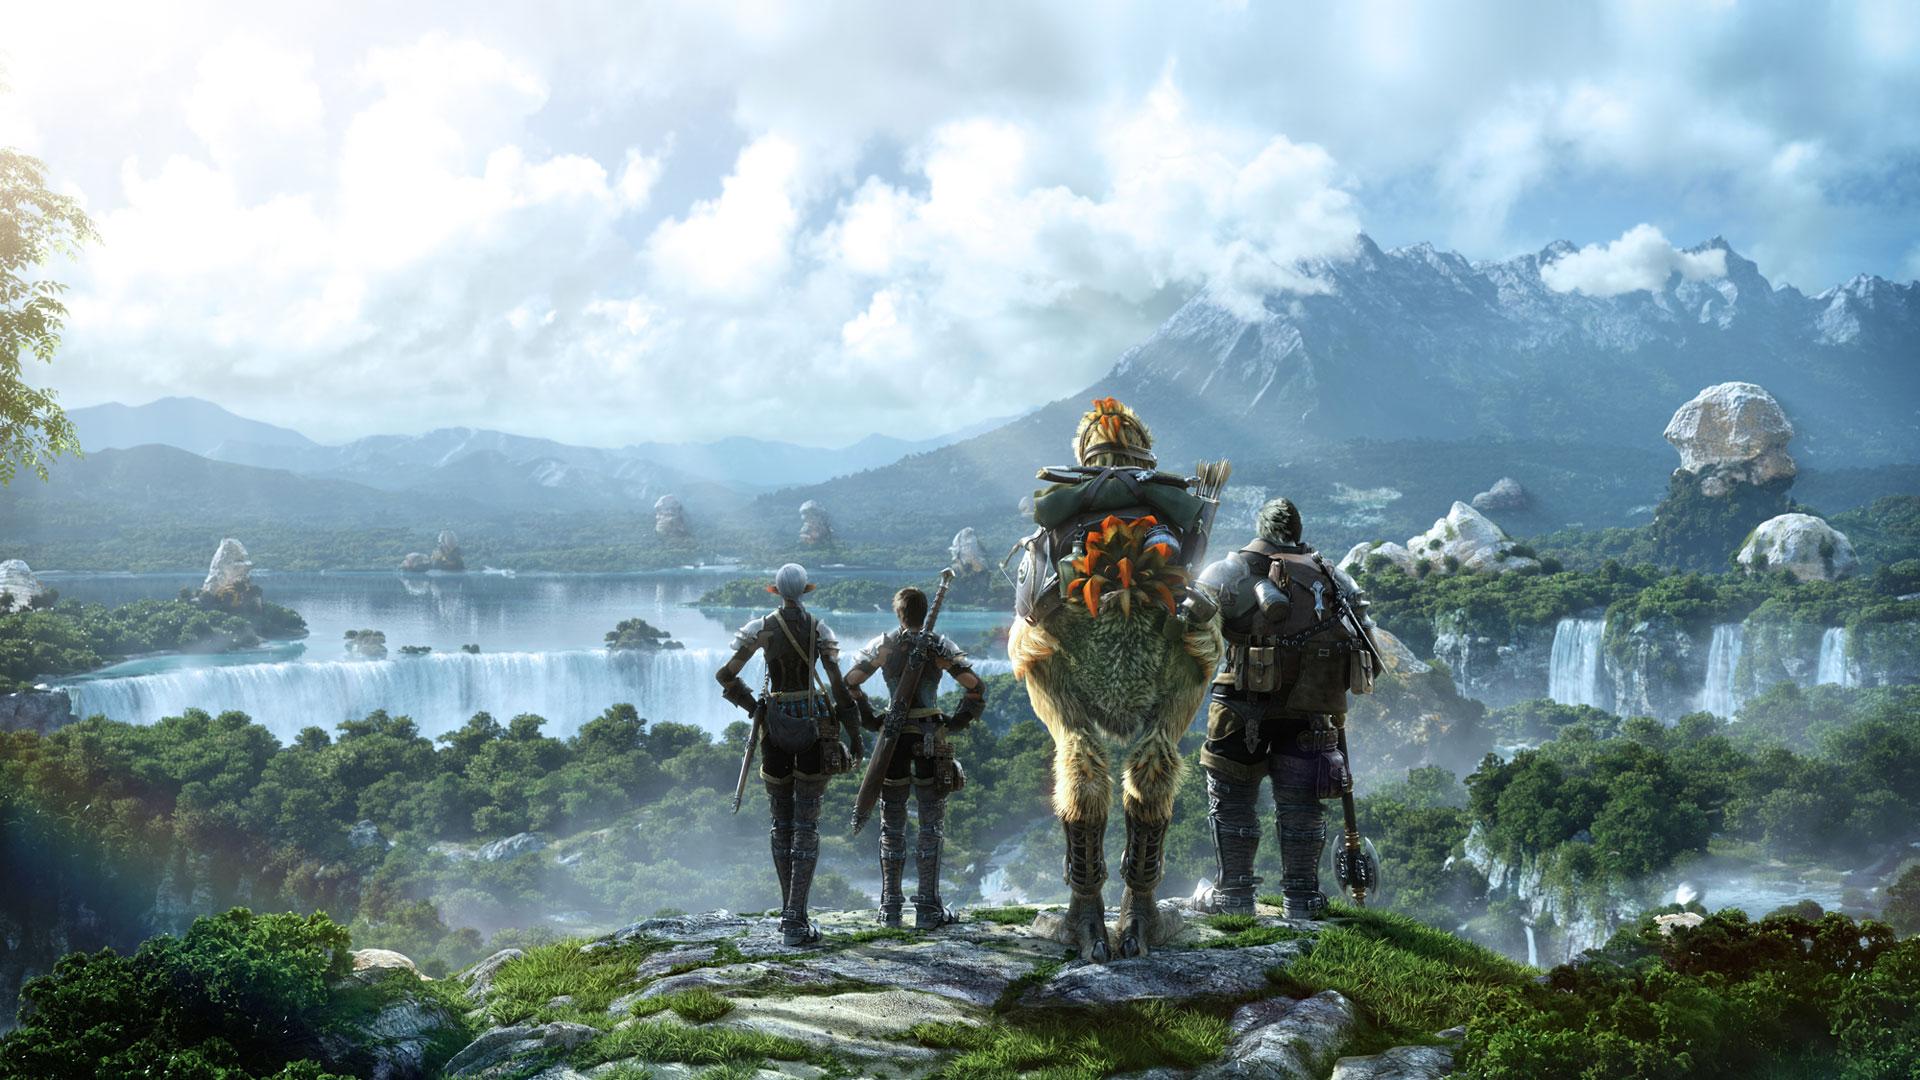 Final Fantasy XIV A Realm Reborn: 500mila utenti attivi al giorno e 400 milioni di ore di gioco